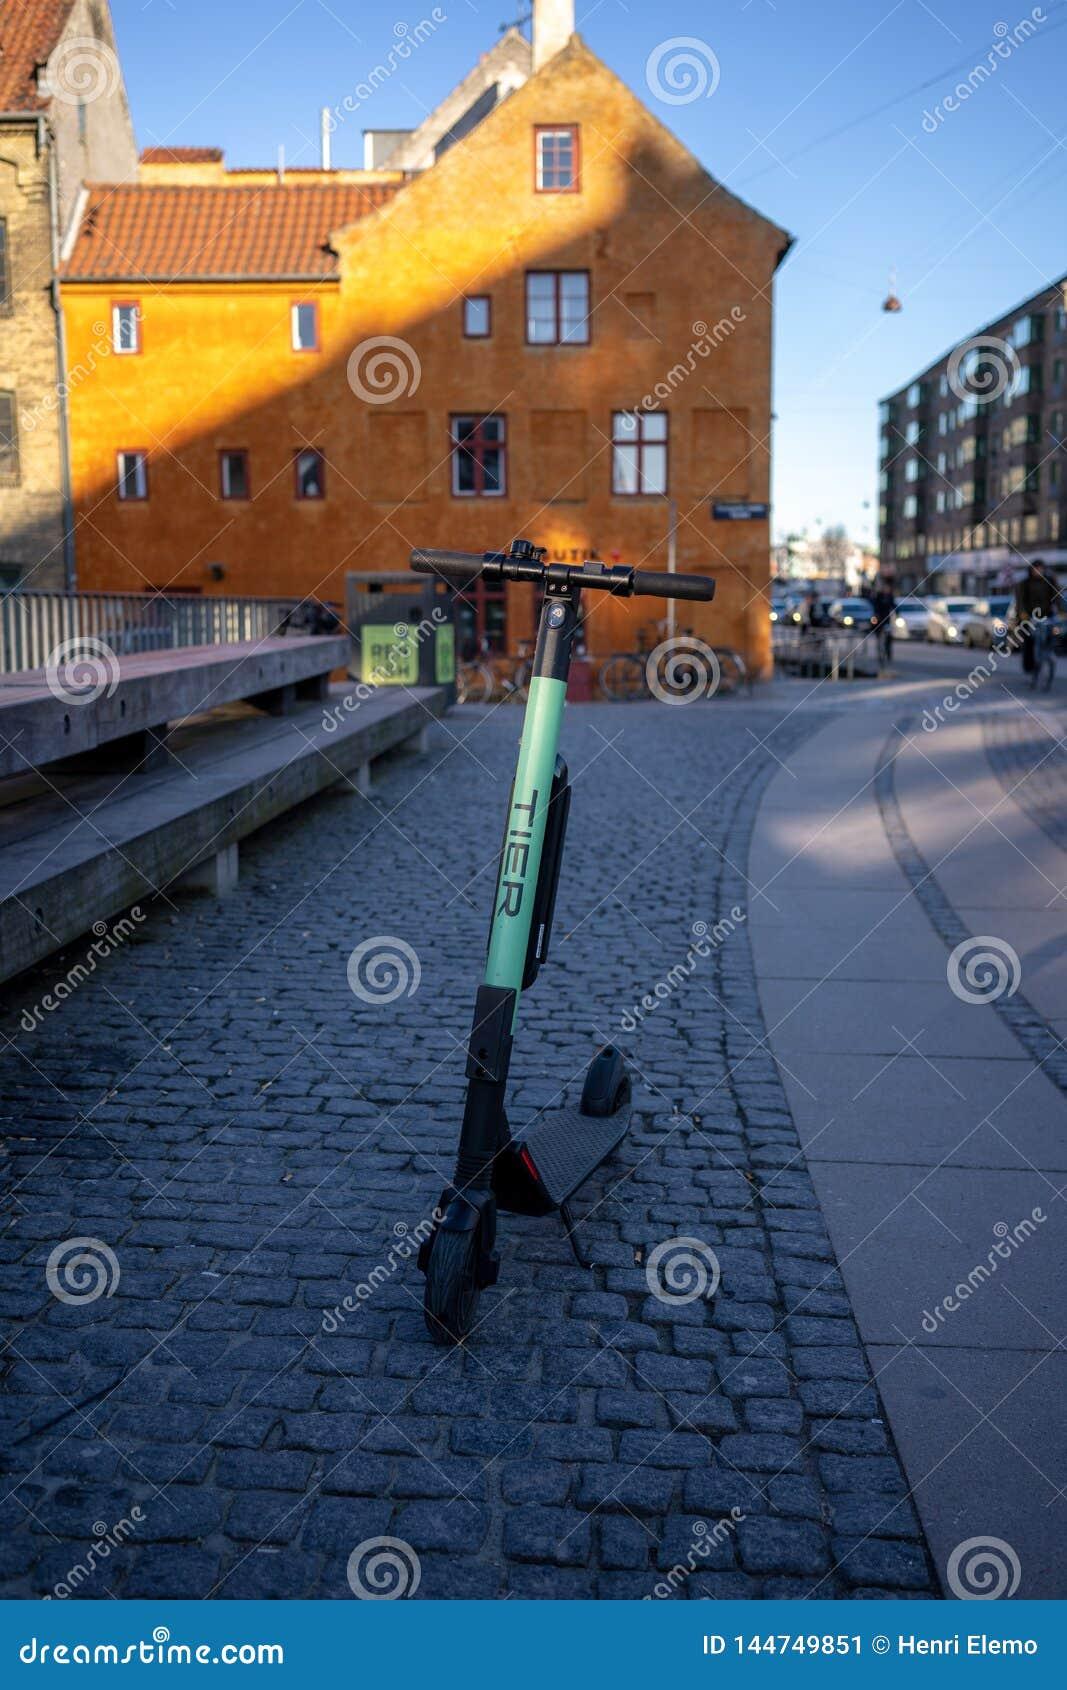 Copenhague, Danemark - 1er avril 2019 : Scooter ?lectrique de rang?e ? Copenhague sur le soleil de matin, ? c?t? des maisons icon